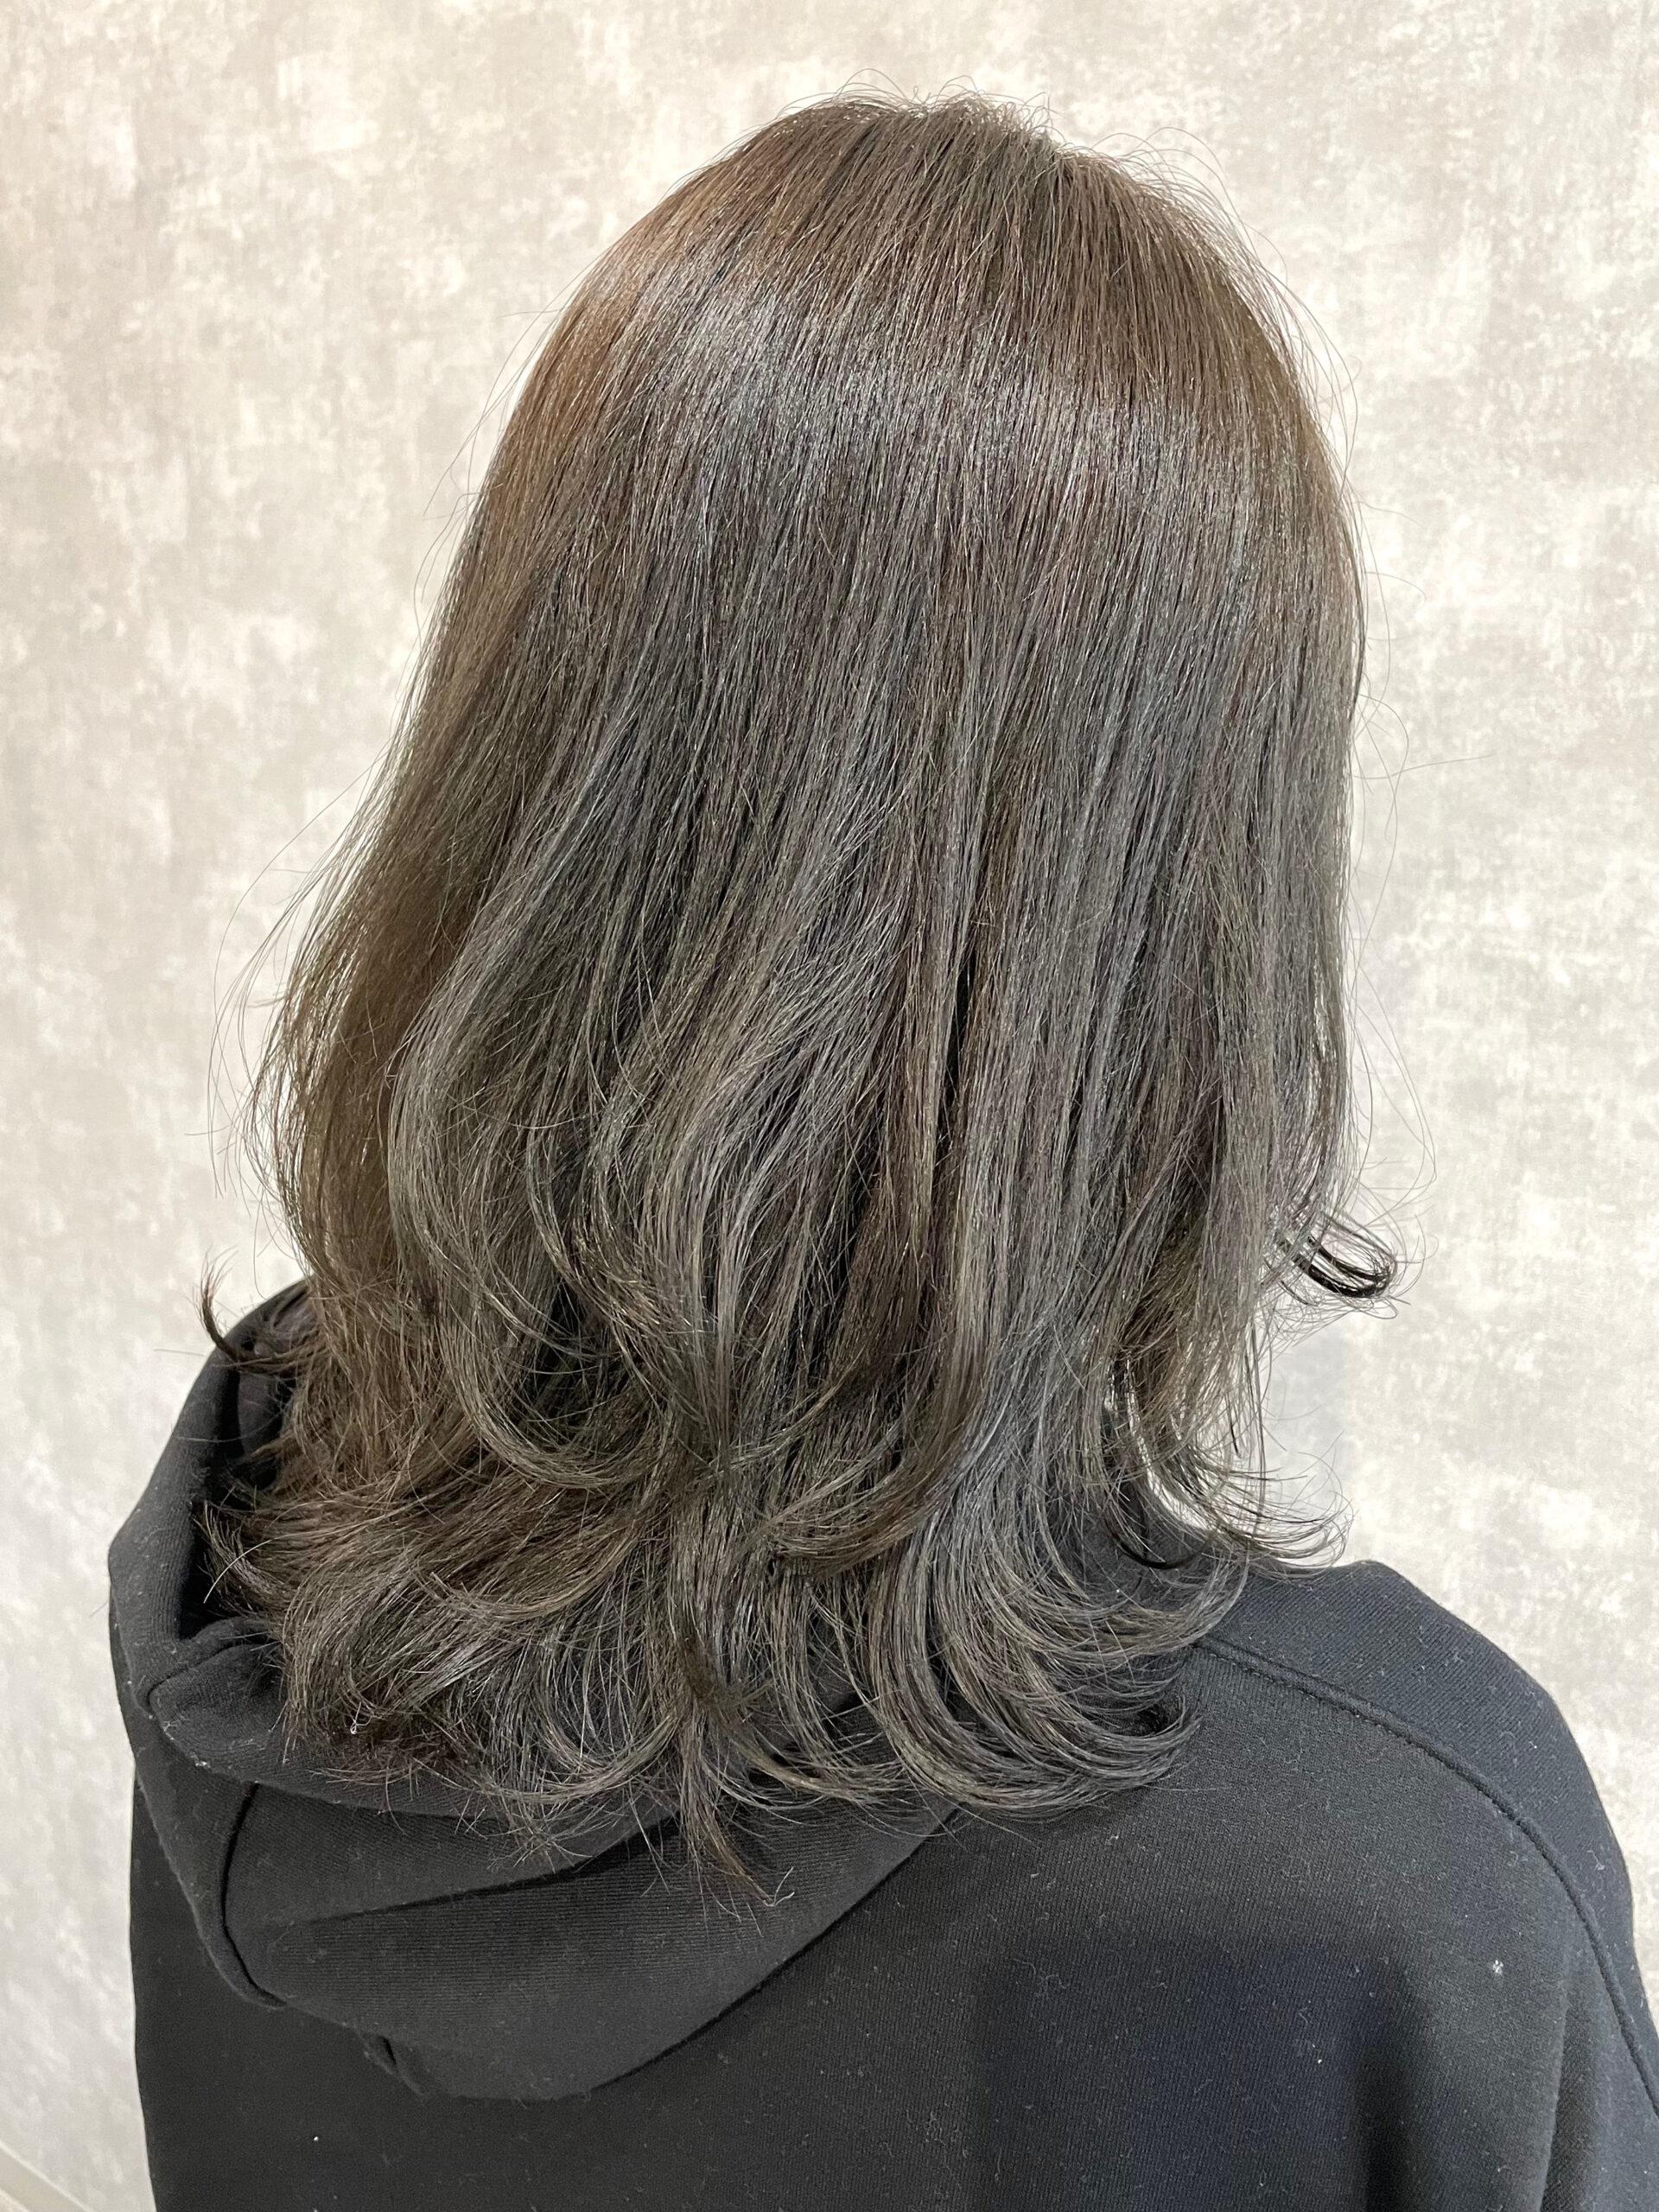 大分県別府市 地毛がオレンジ強めの髪からスモーキーアッシュのヘアカラー アフター